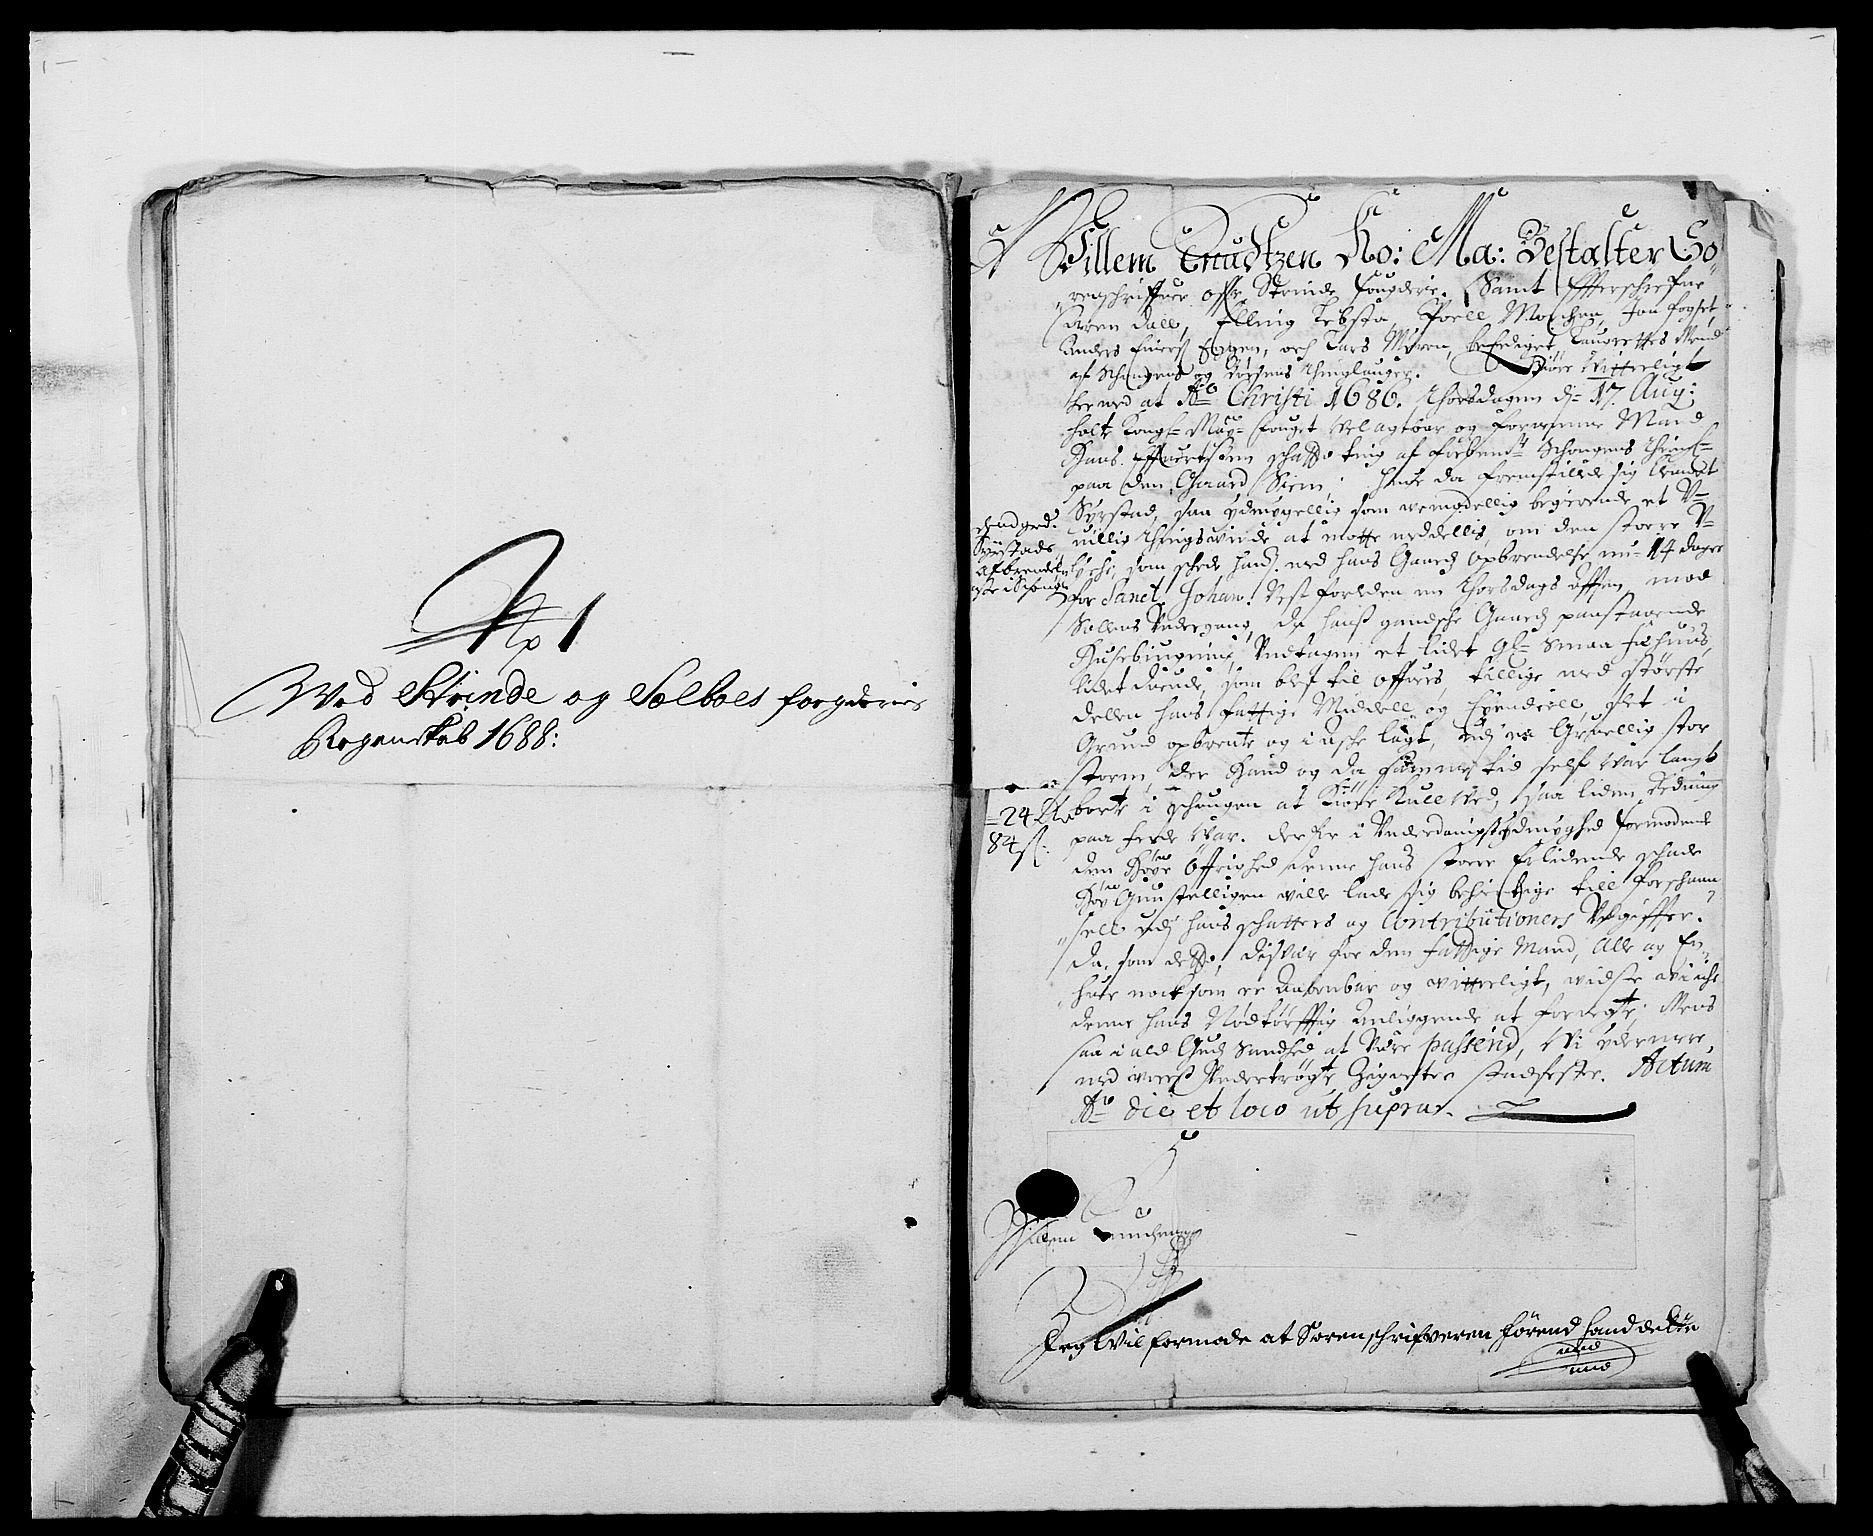 RA, Rentekammeret inntil 1814, Reviderte regnskaper, Fogderegnskap, R61/L4101: Fogderegnskap Strinda og Selbu, 1687-1688, s. 254